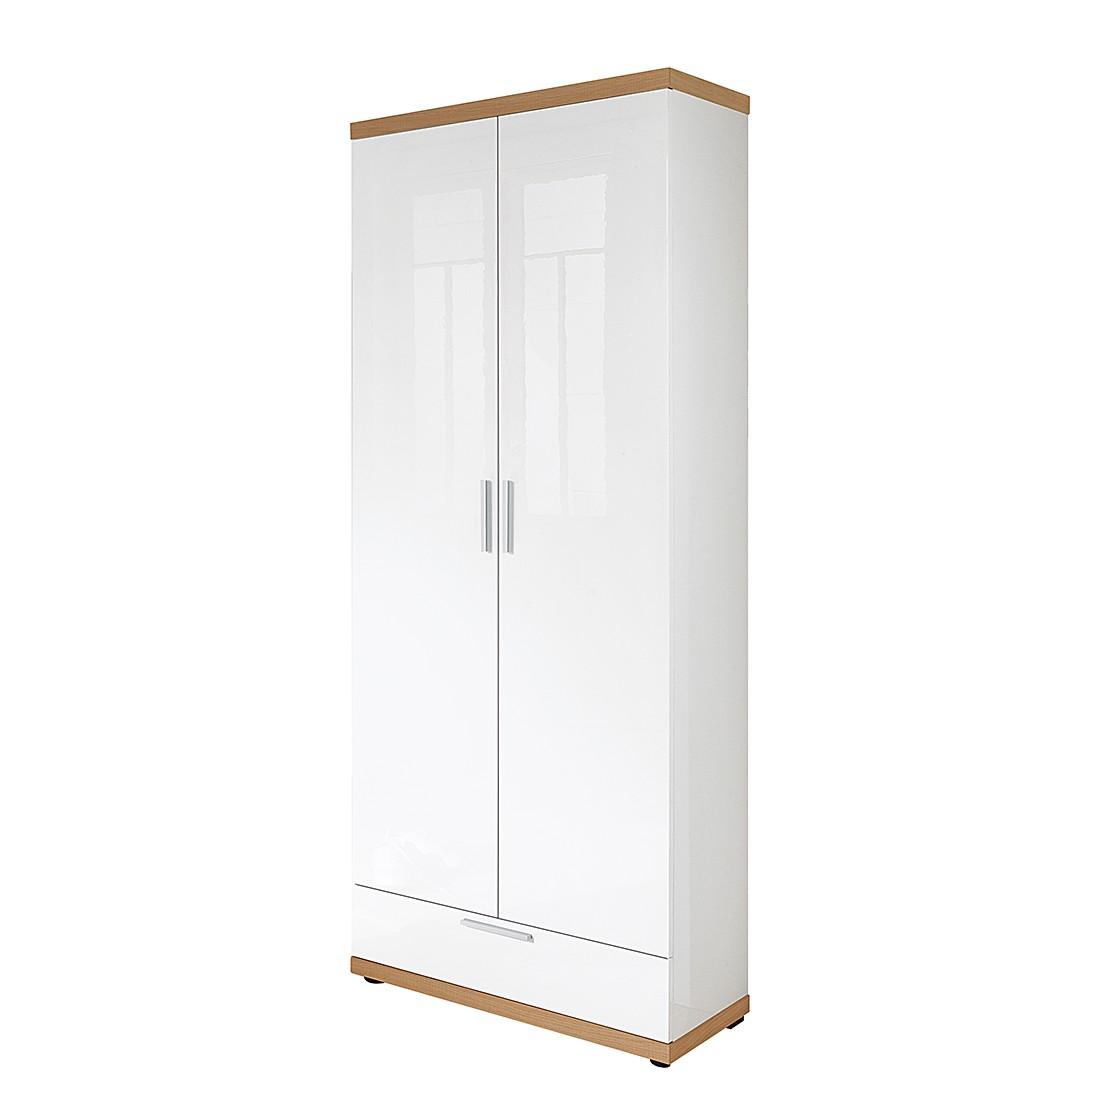 Armoire de vestibule Ellison - Blanc brillant / Chêne sauvage brut de sciage, Voss